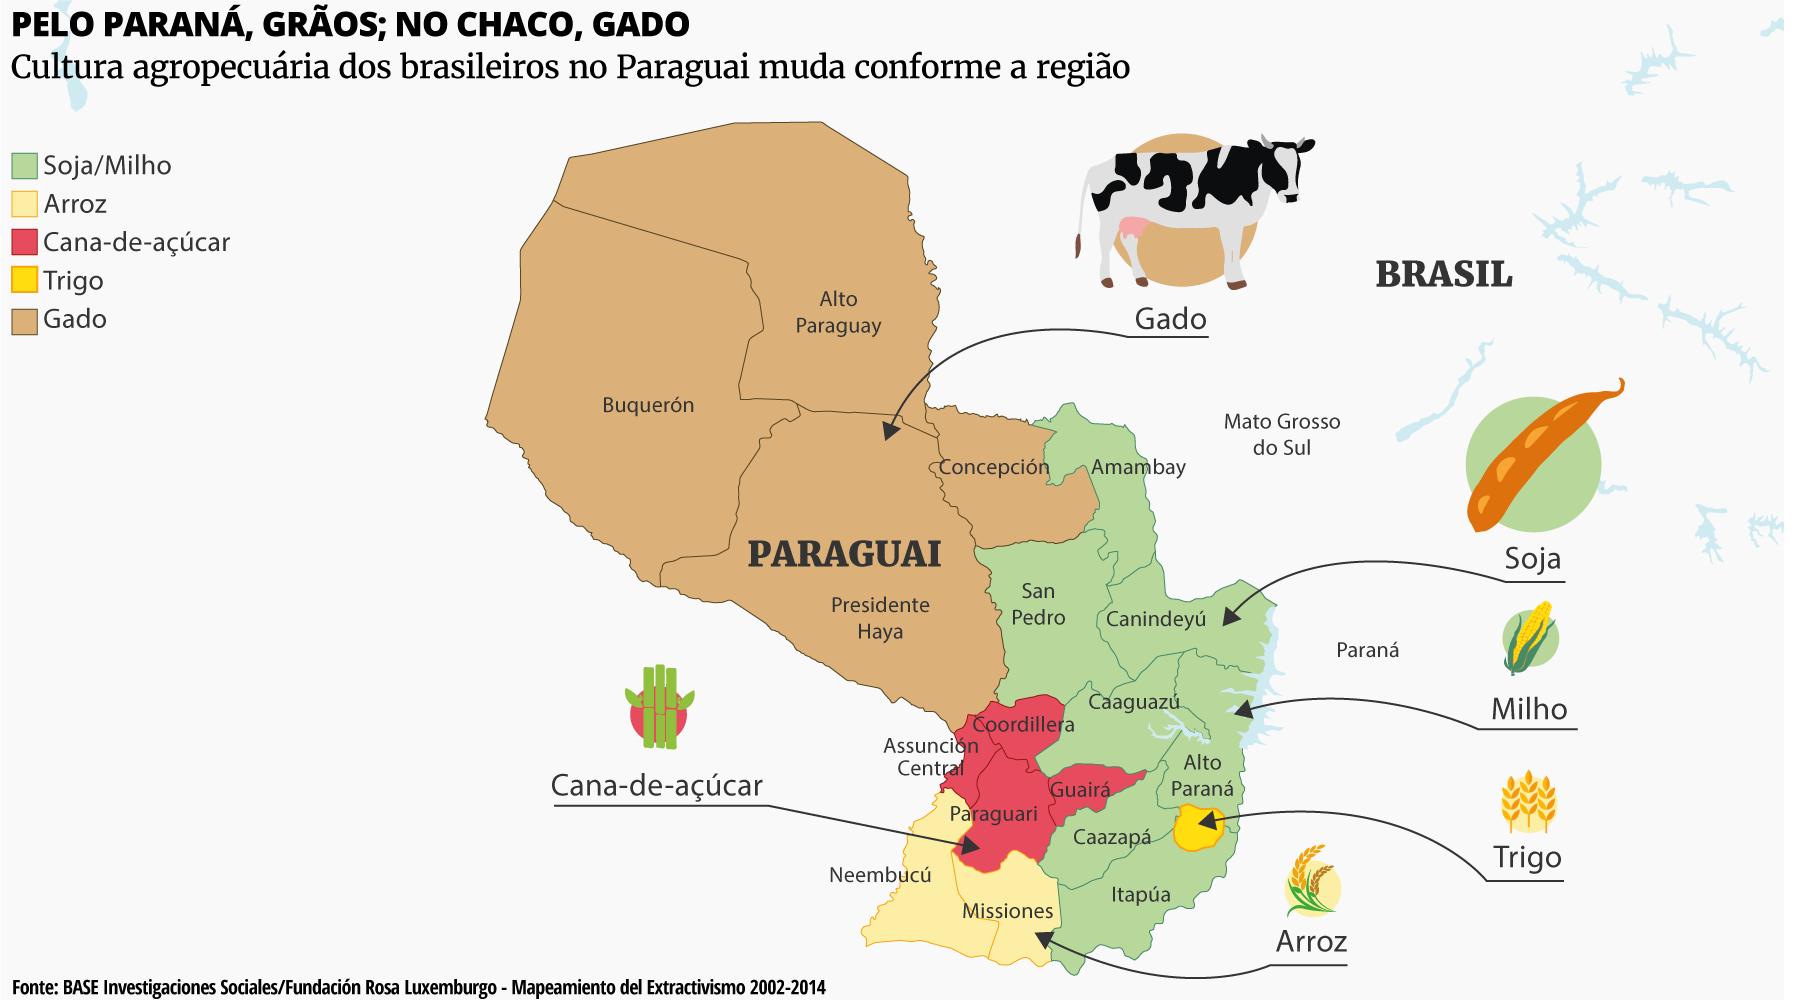 Cultura agropecuária dos brasileiros no Paraguai muda conforme a região